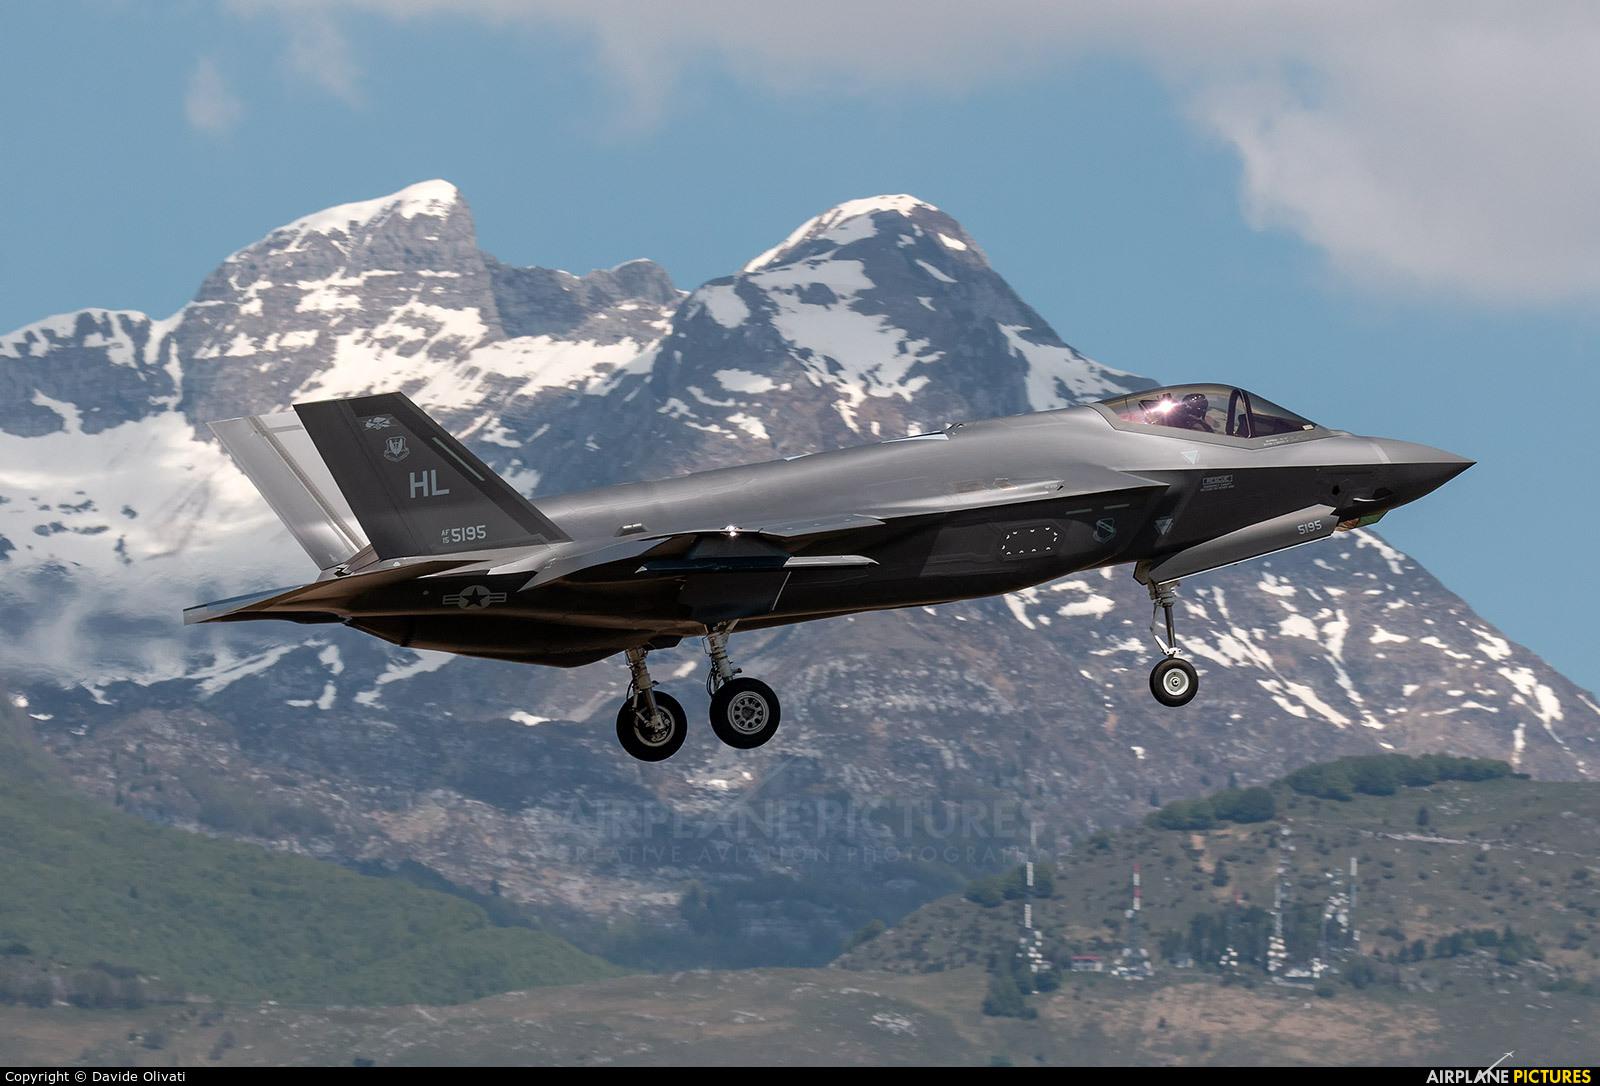 USA - Air Force 15-5195 aircraft at Aviano